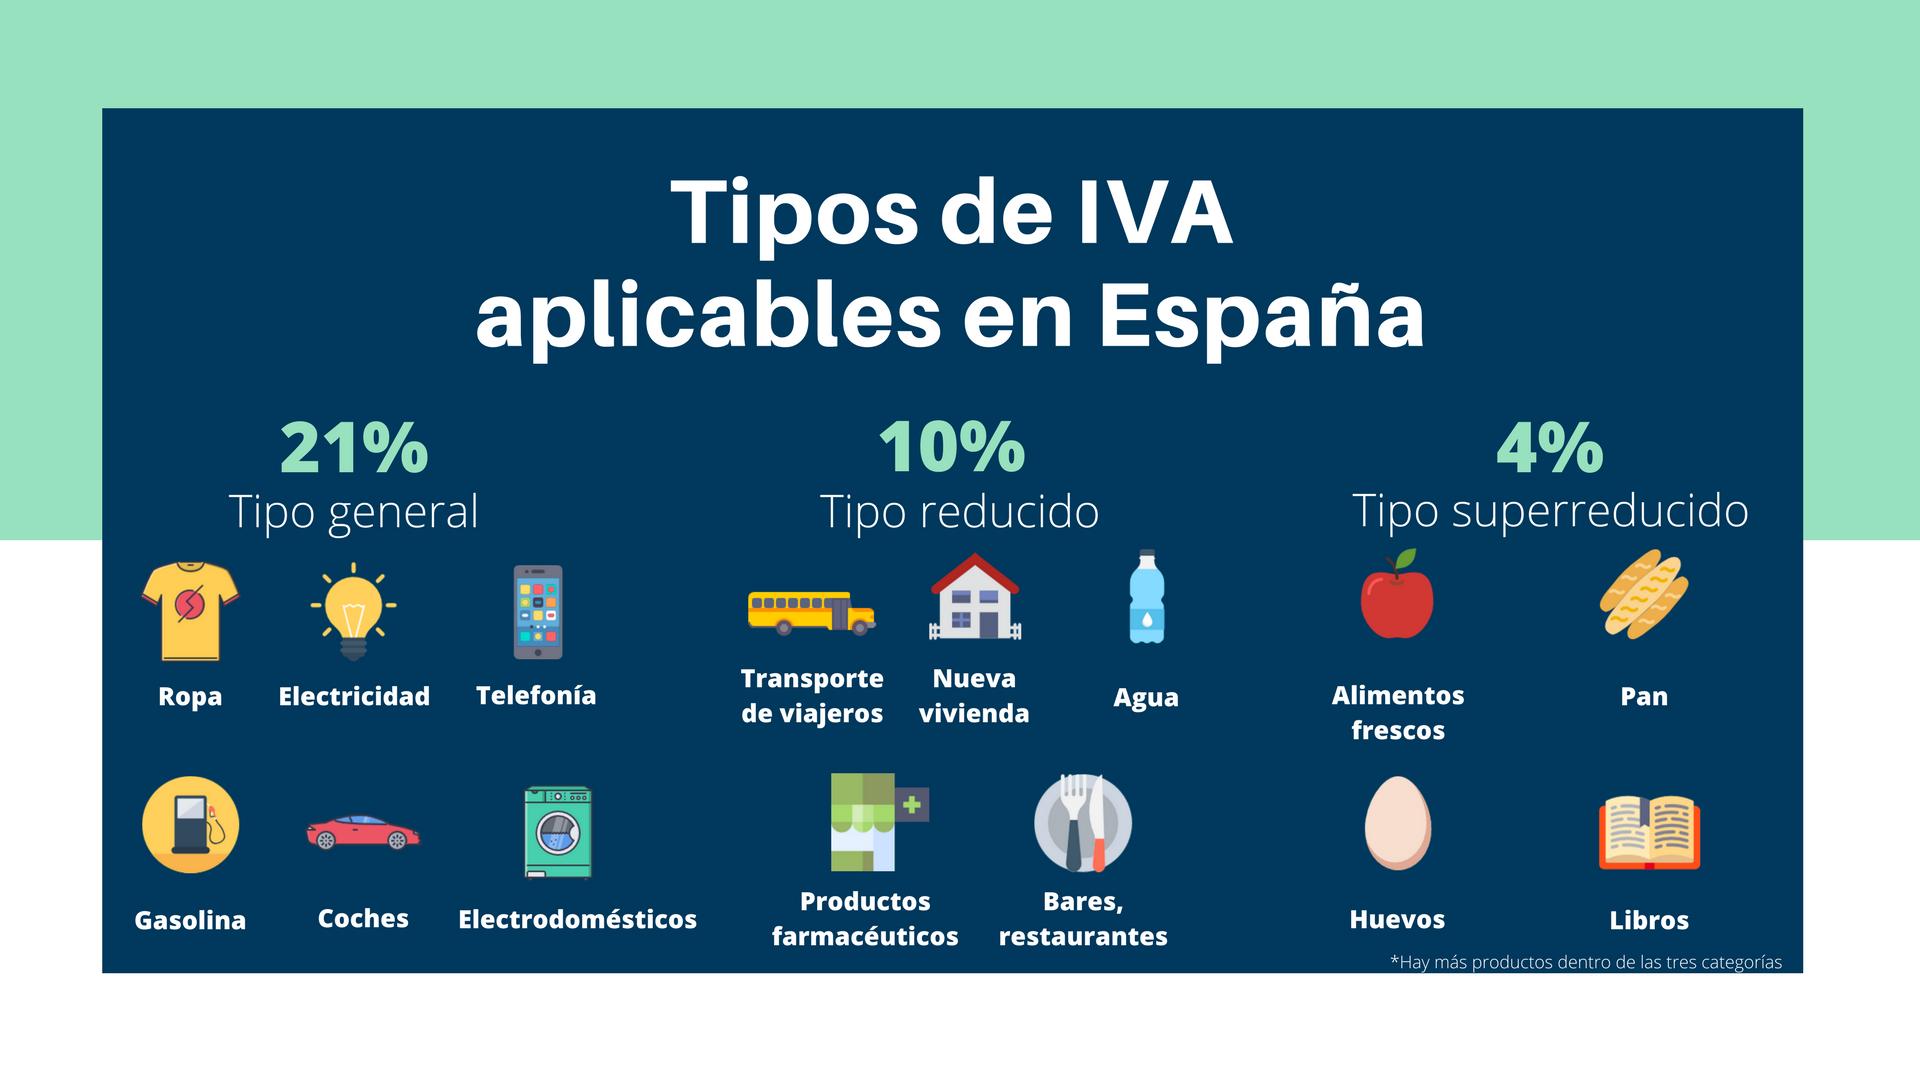 Tipos de IVA aplicables en España